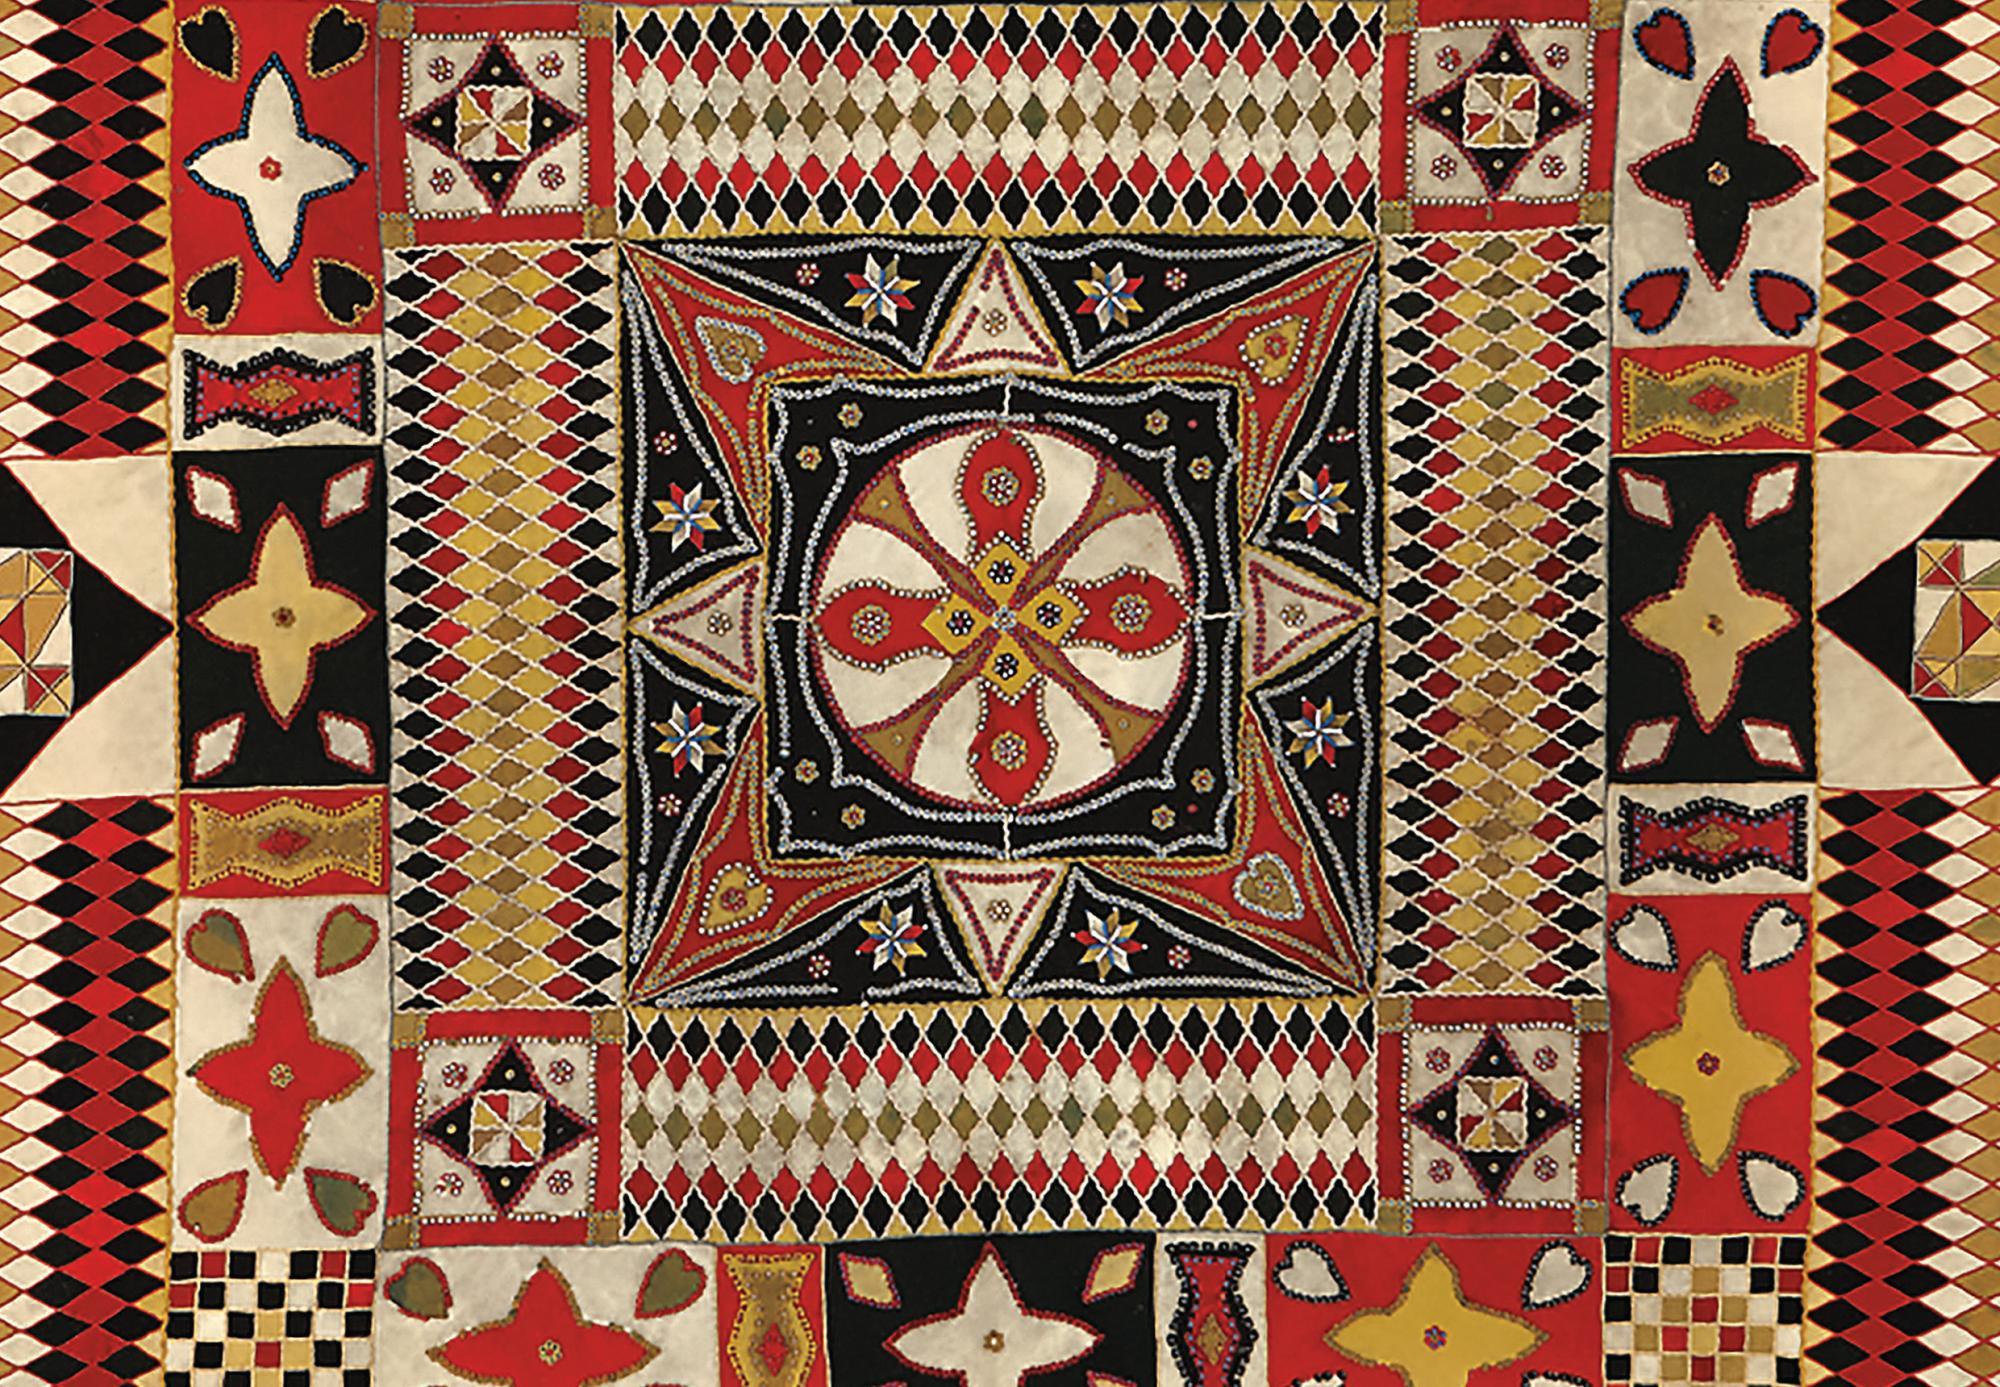 War and Pieced quilt detail